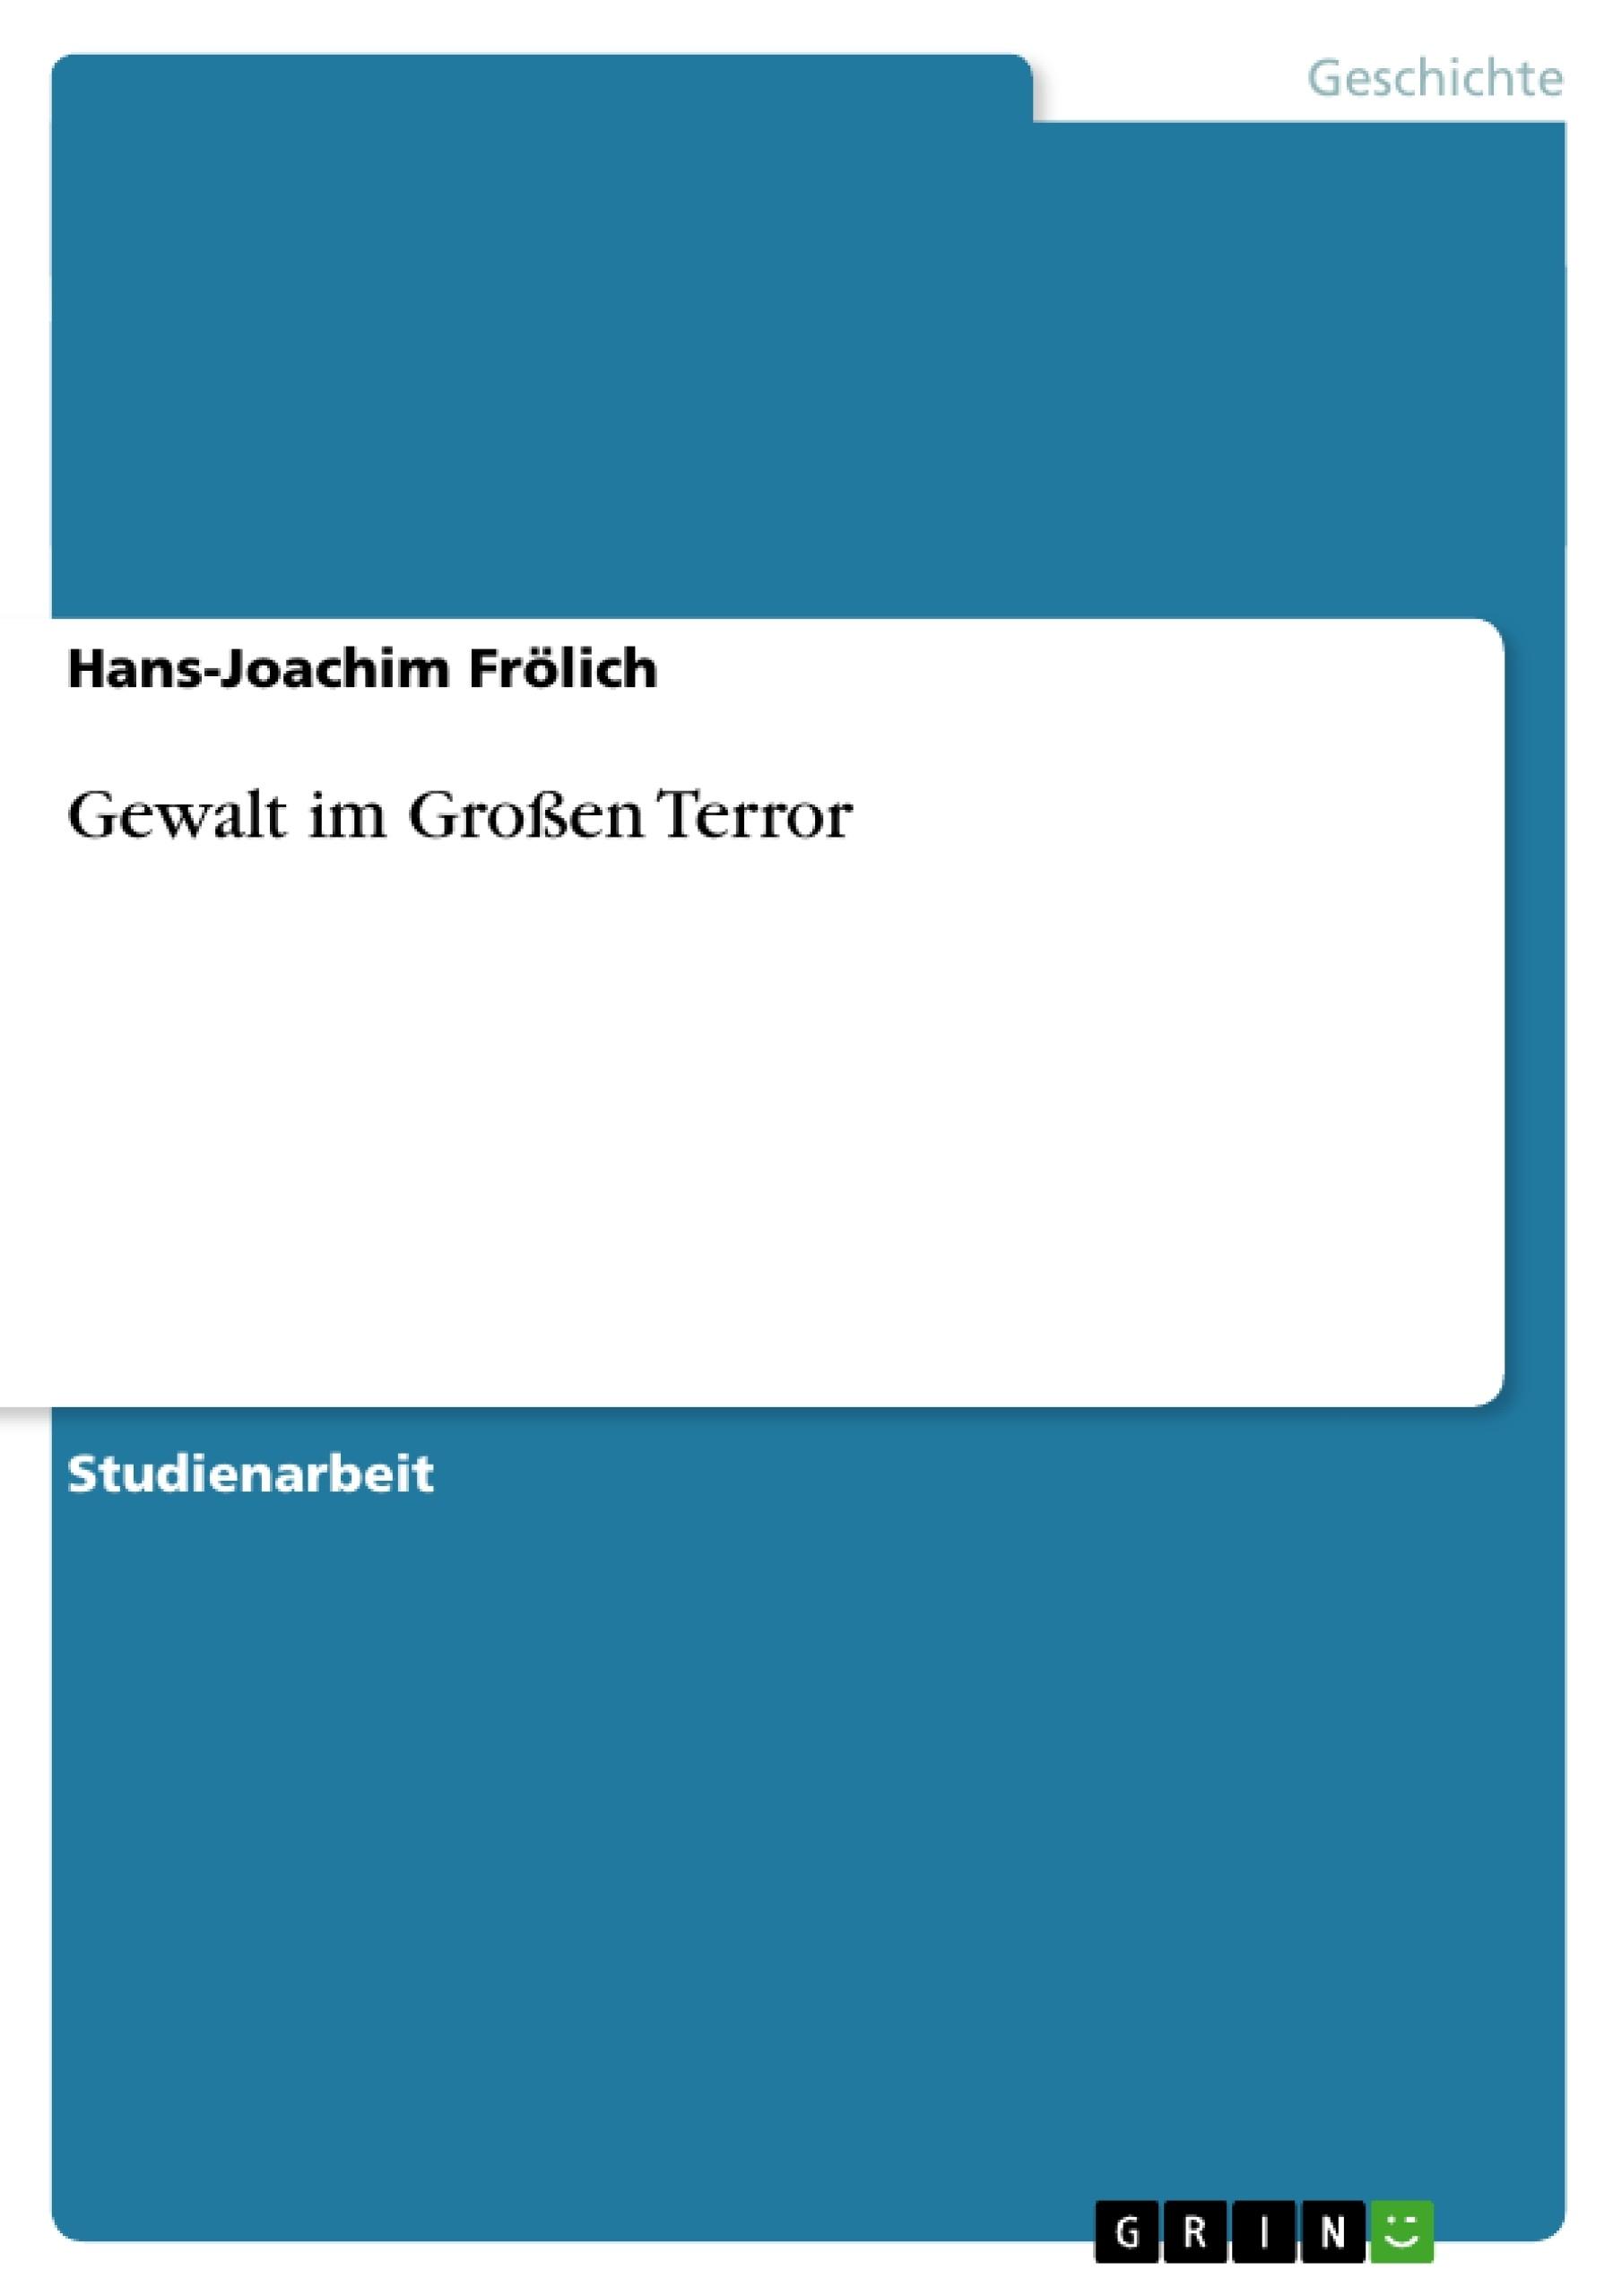 Titel: Gewalt im Großen Terror